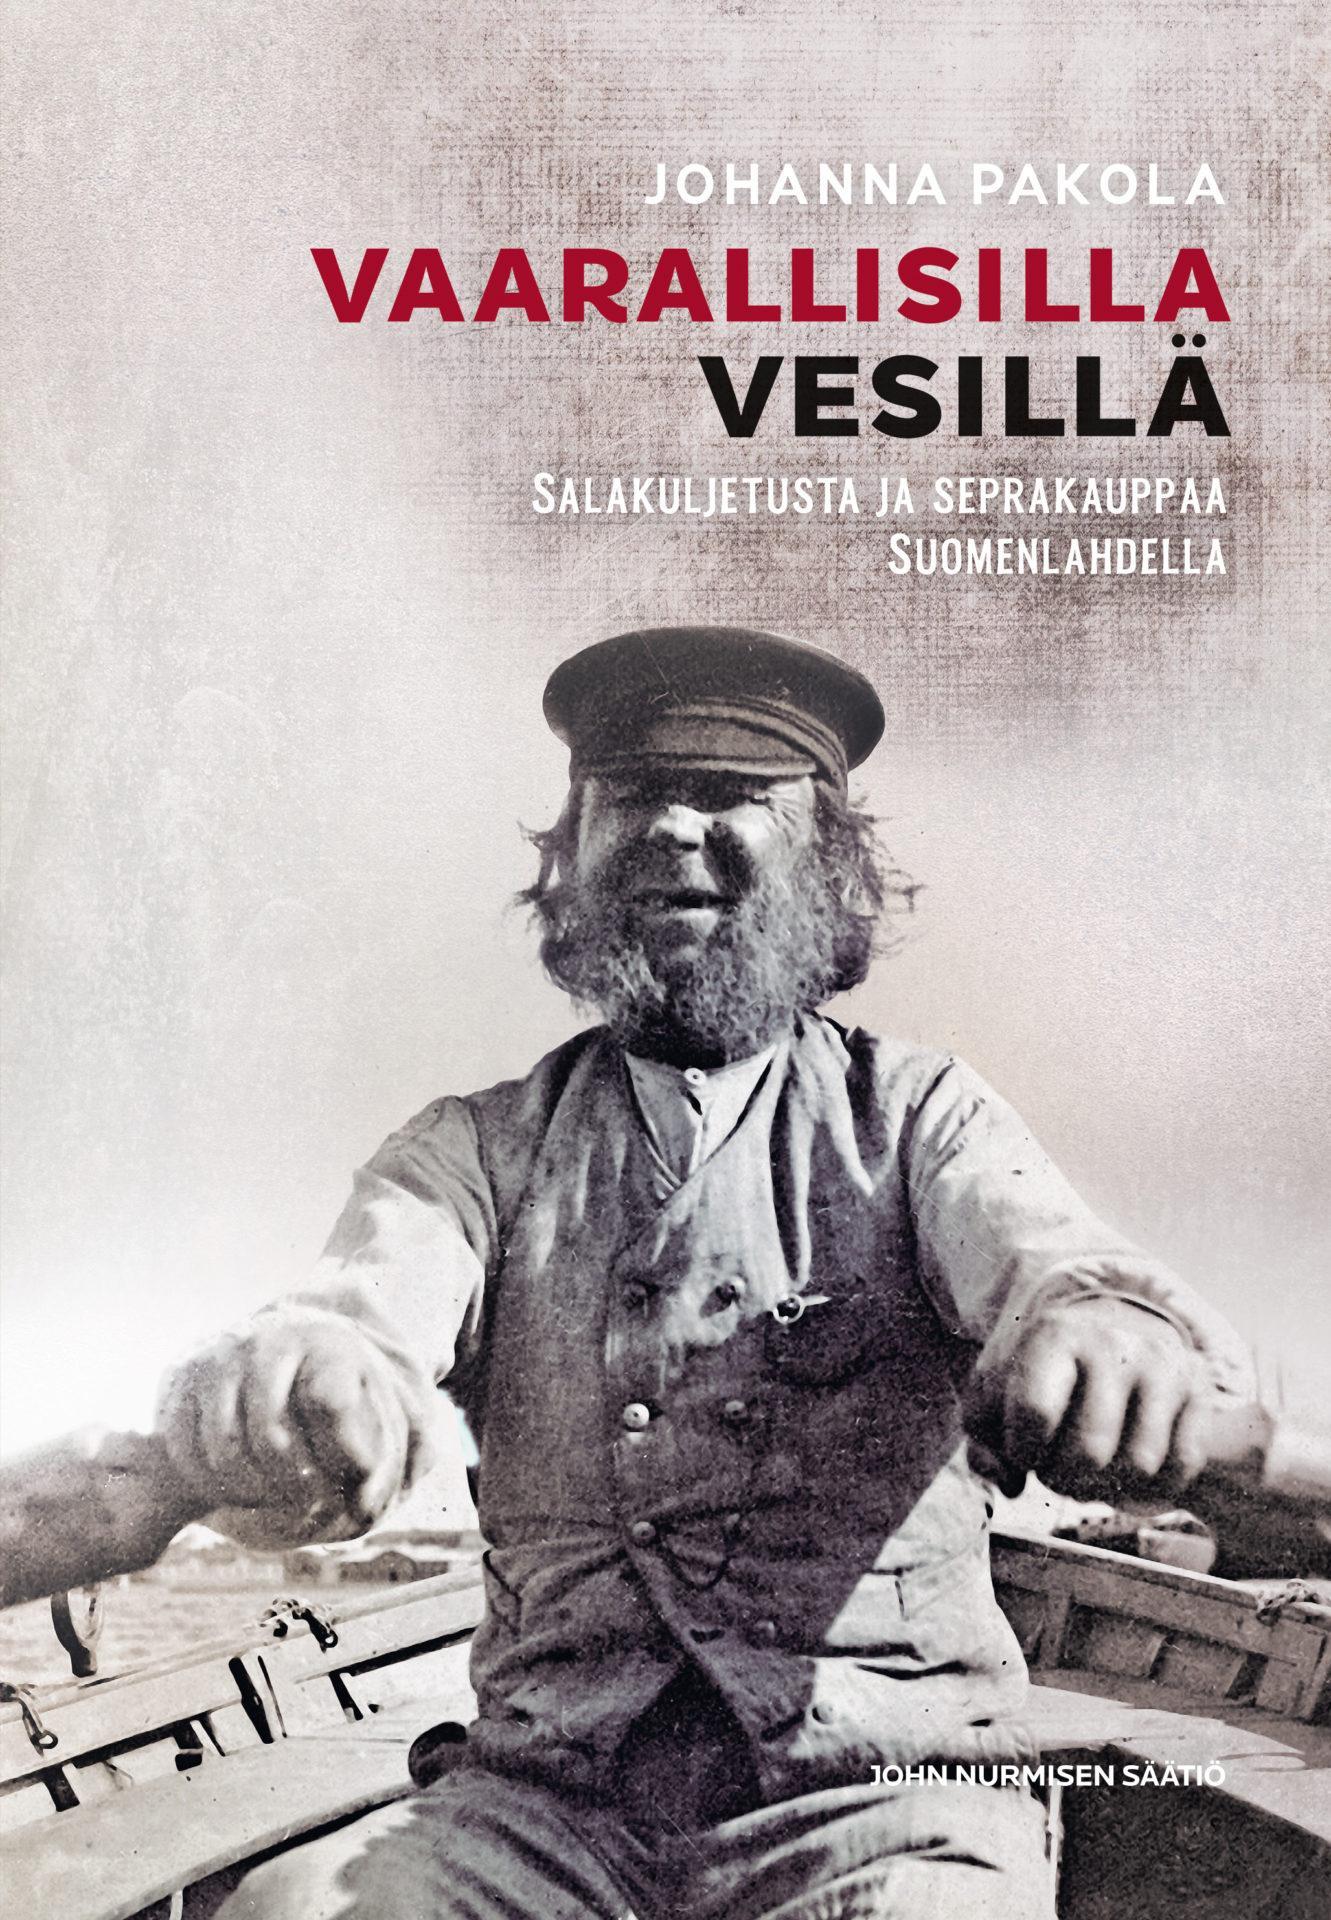 Vaarallisilla_vesillä_cover_170x245.indd